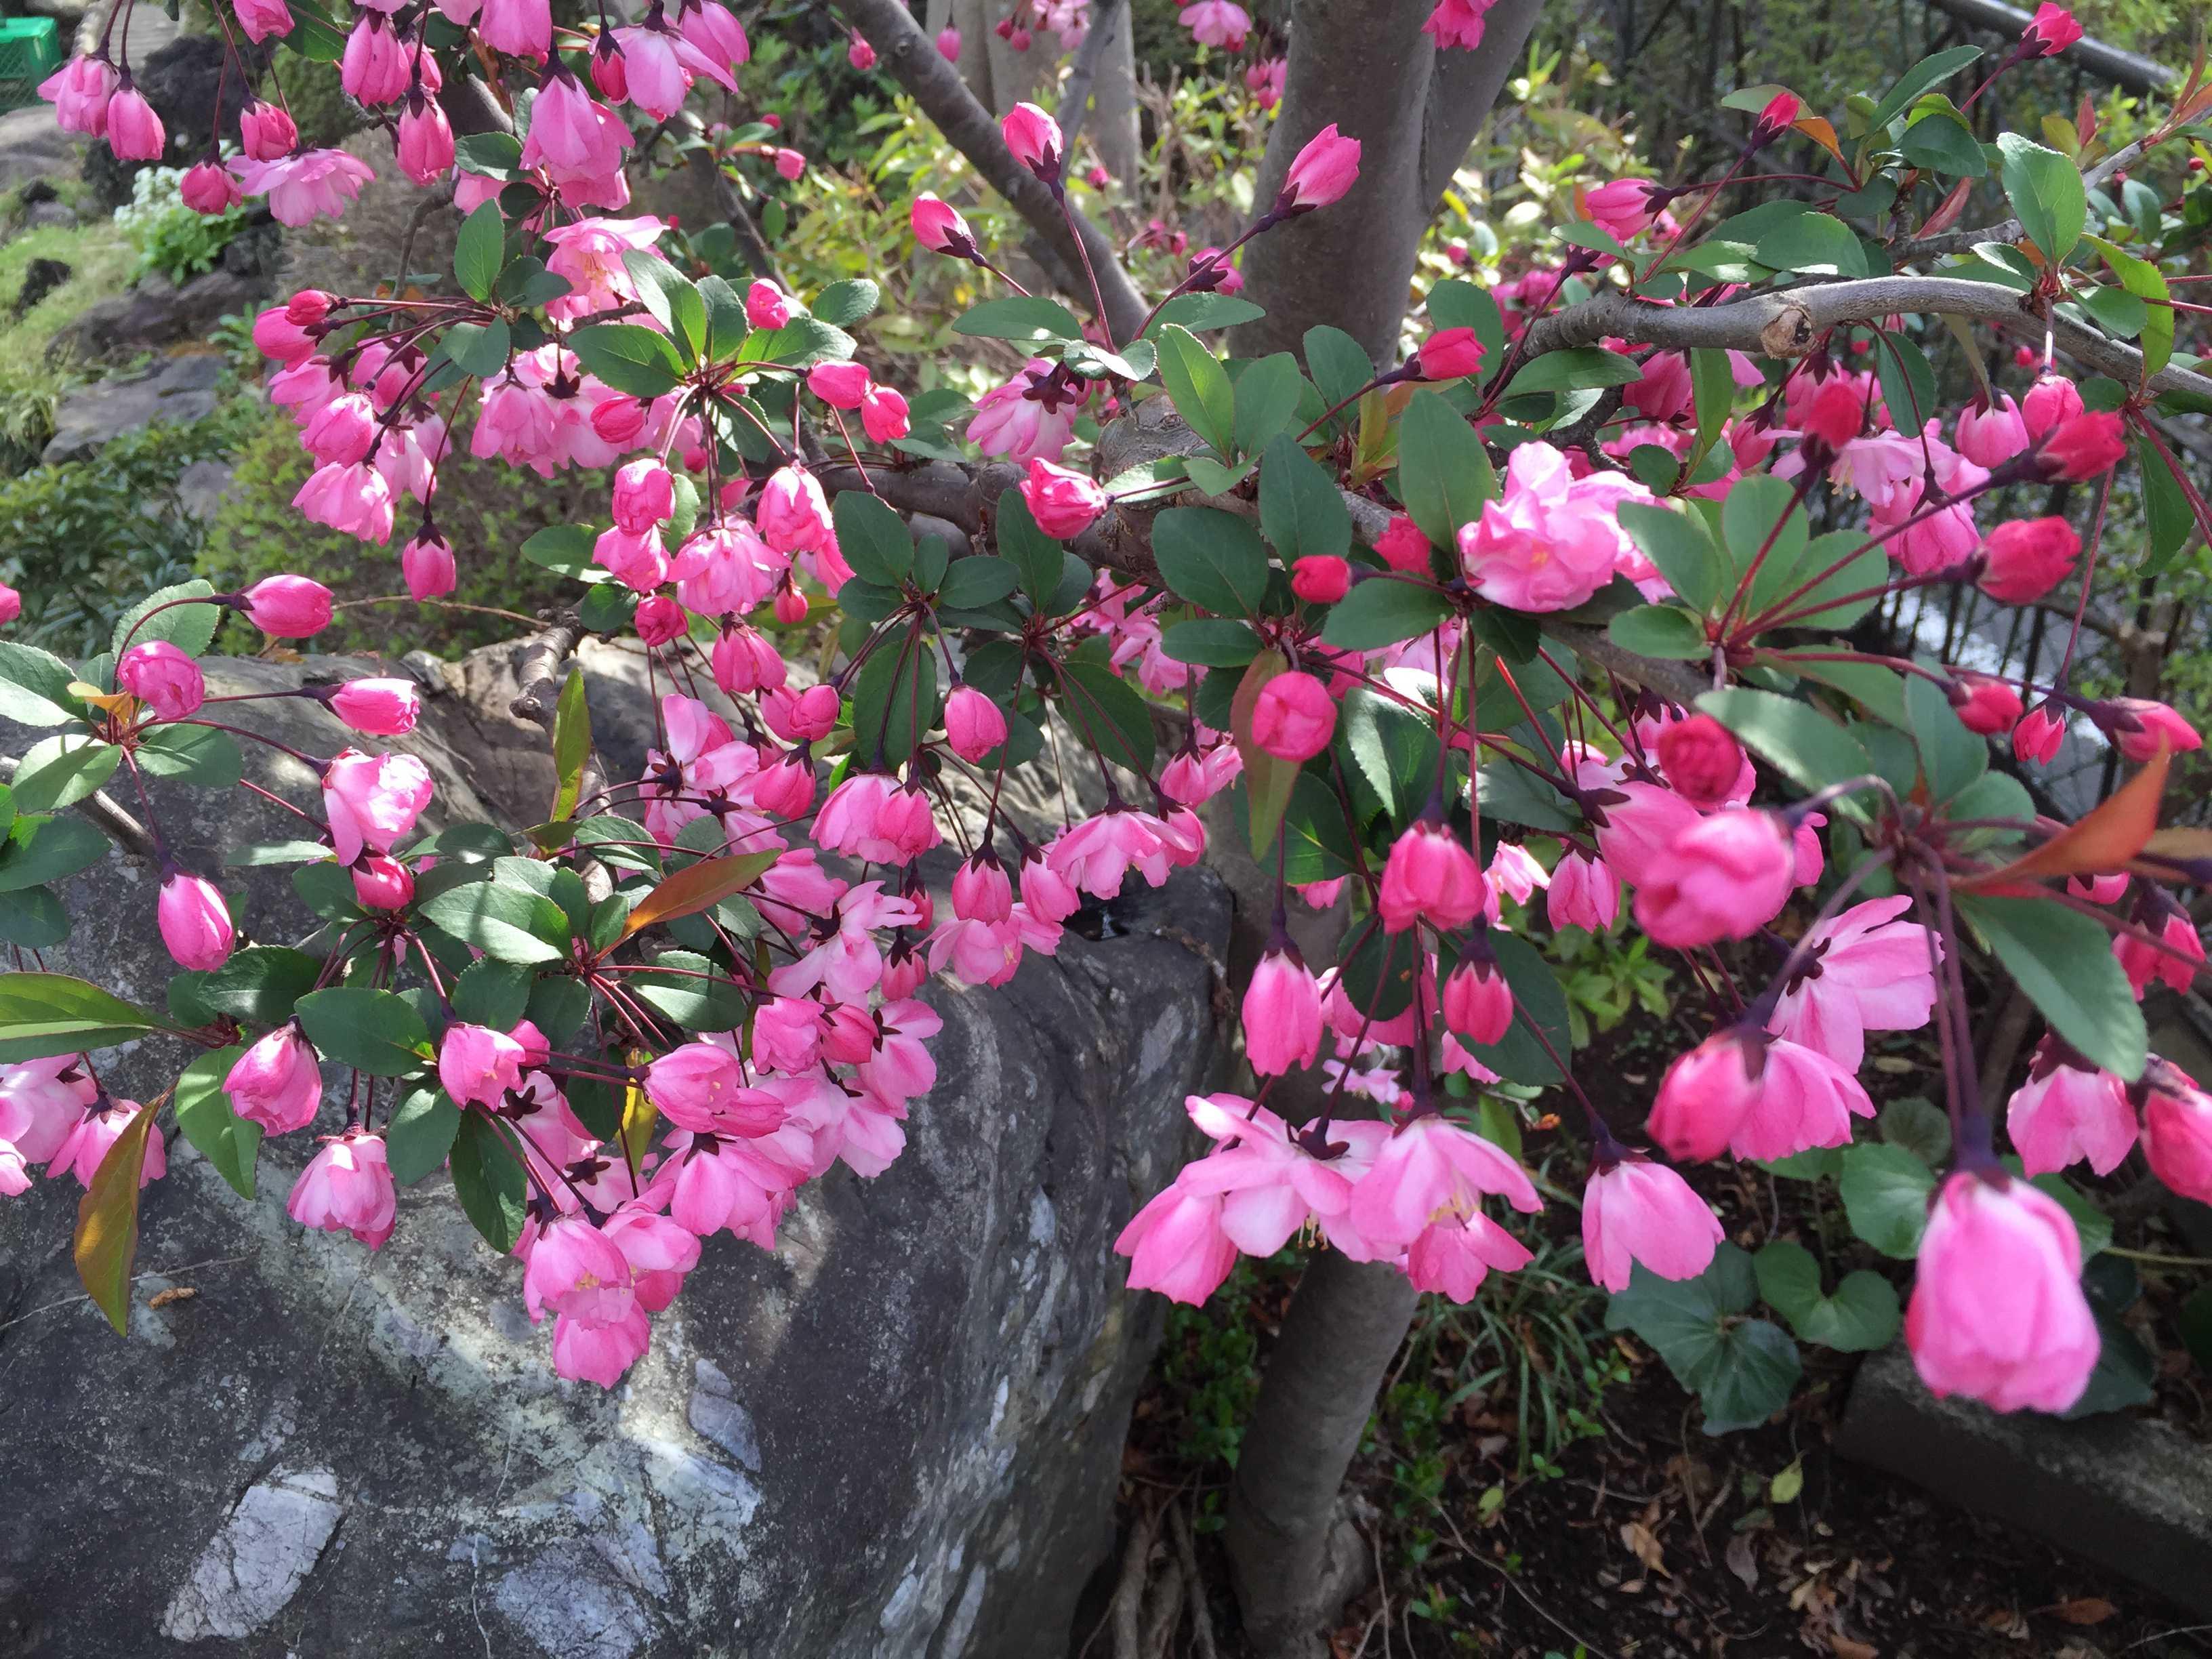 ハナカイドウ(花海棠)の花びら